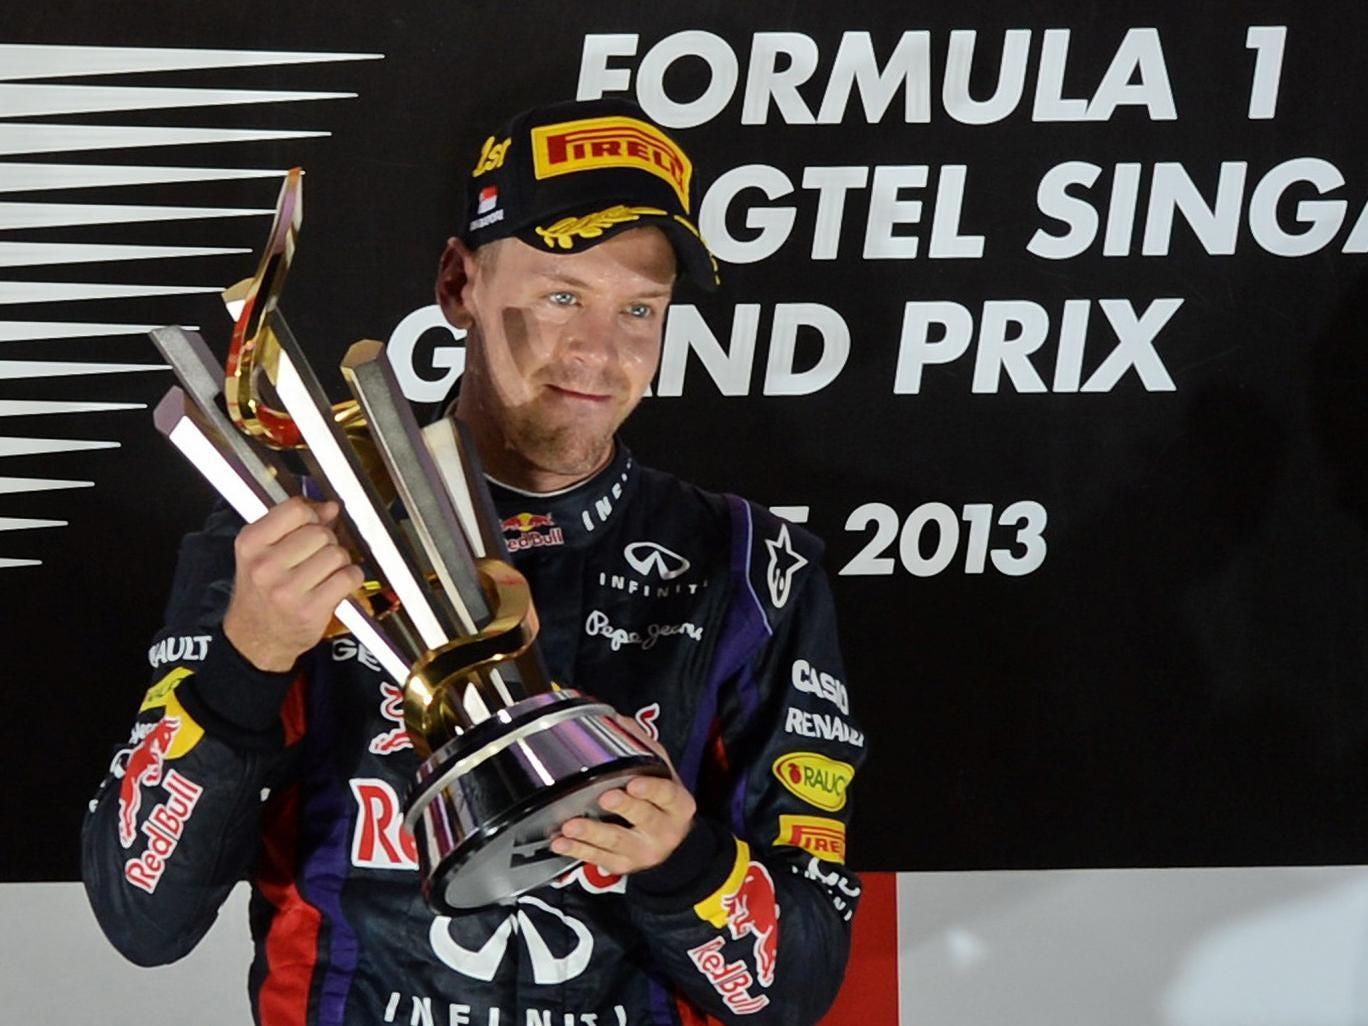 Sebastian Vettel celebrates his victory at the Singapore Grand Prix